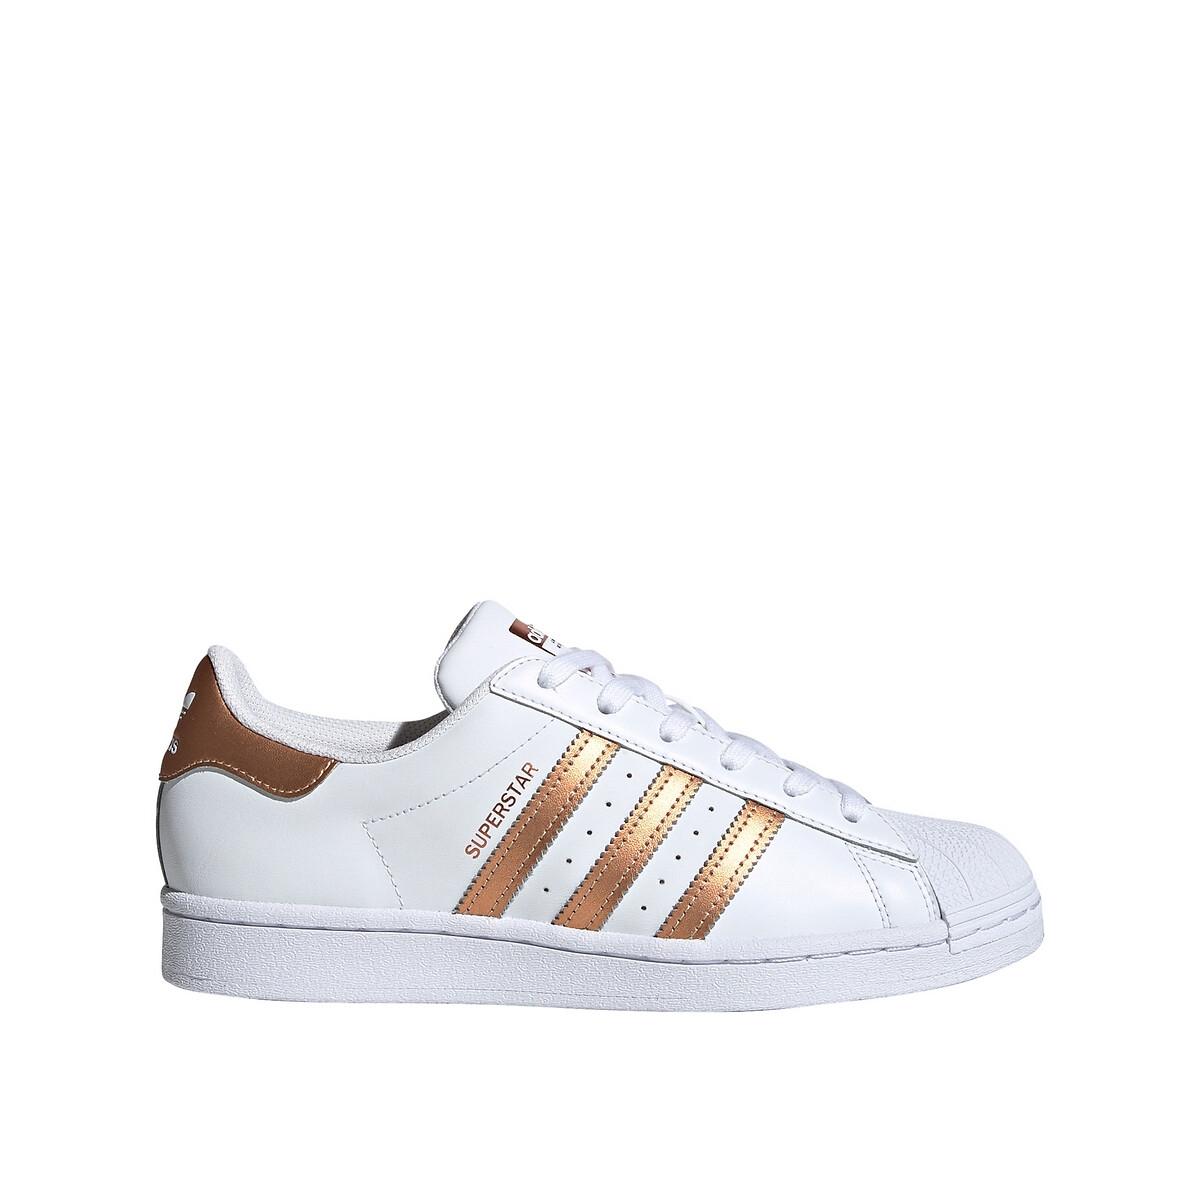 Adidas Originals Superstar sneakers wit/koper online kopen